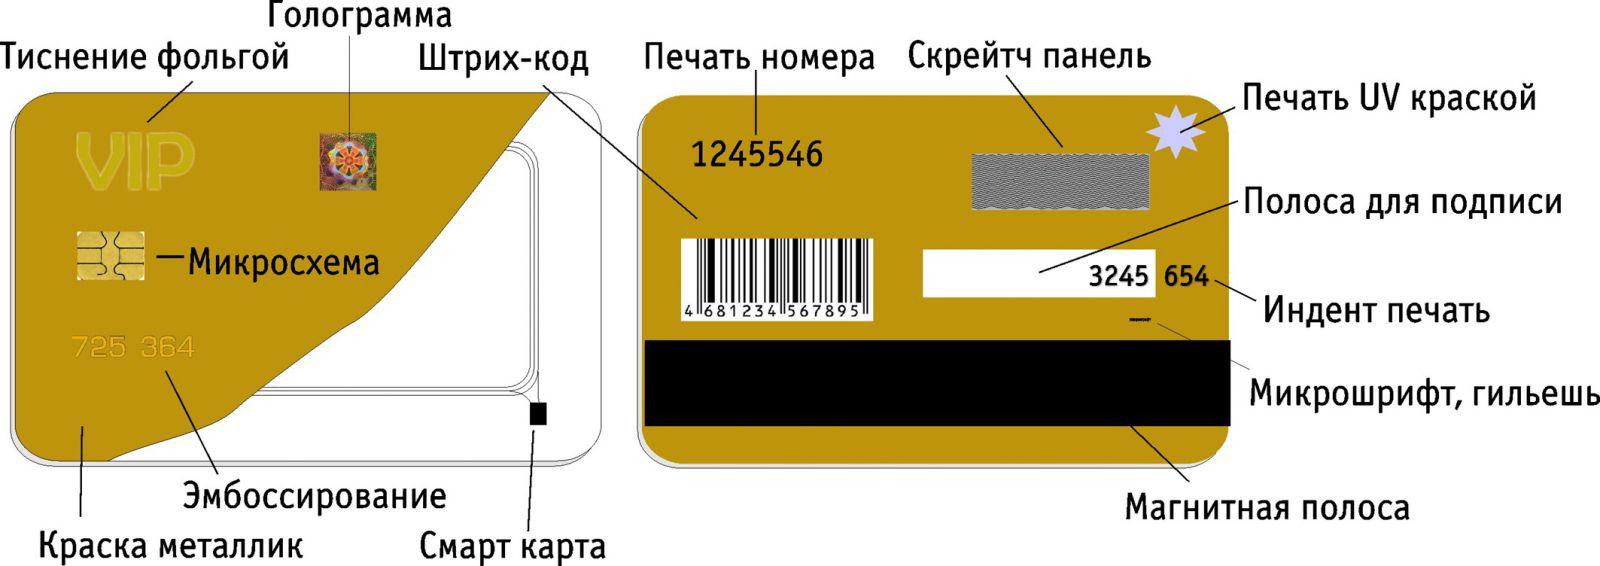 chto-takoe-kreditnaya-karta_10